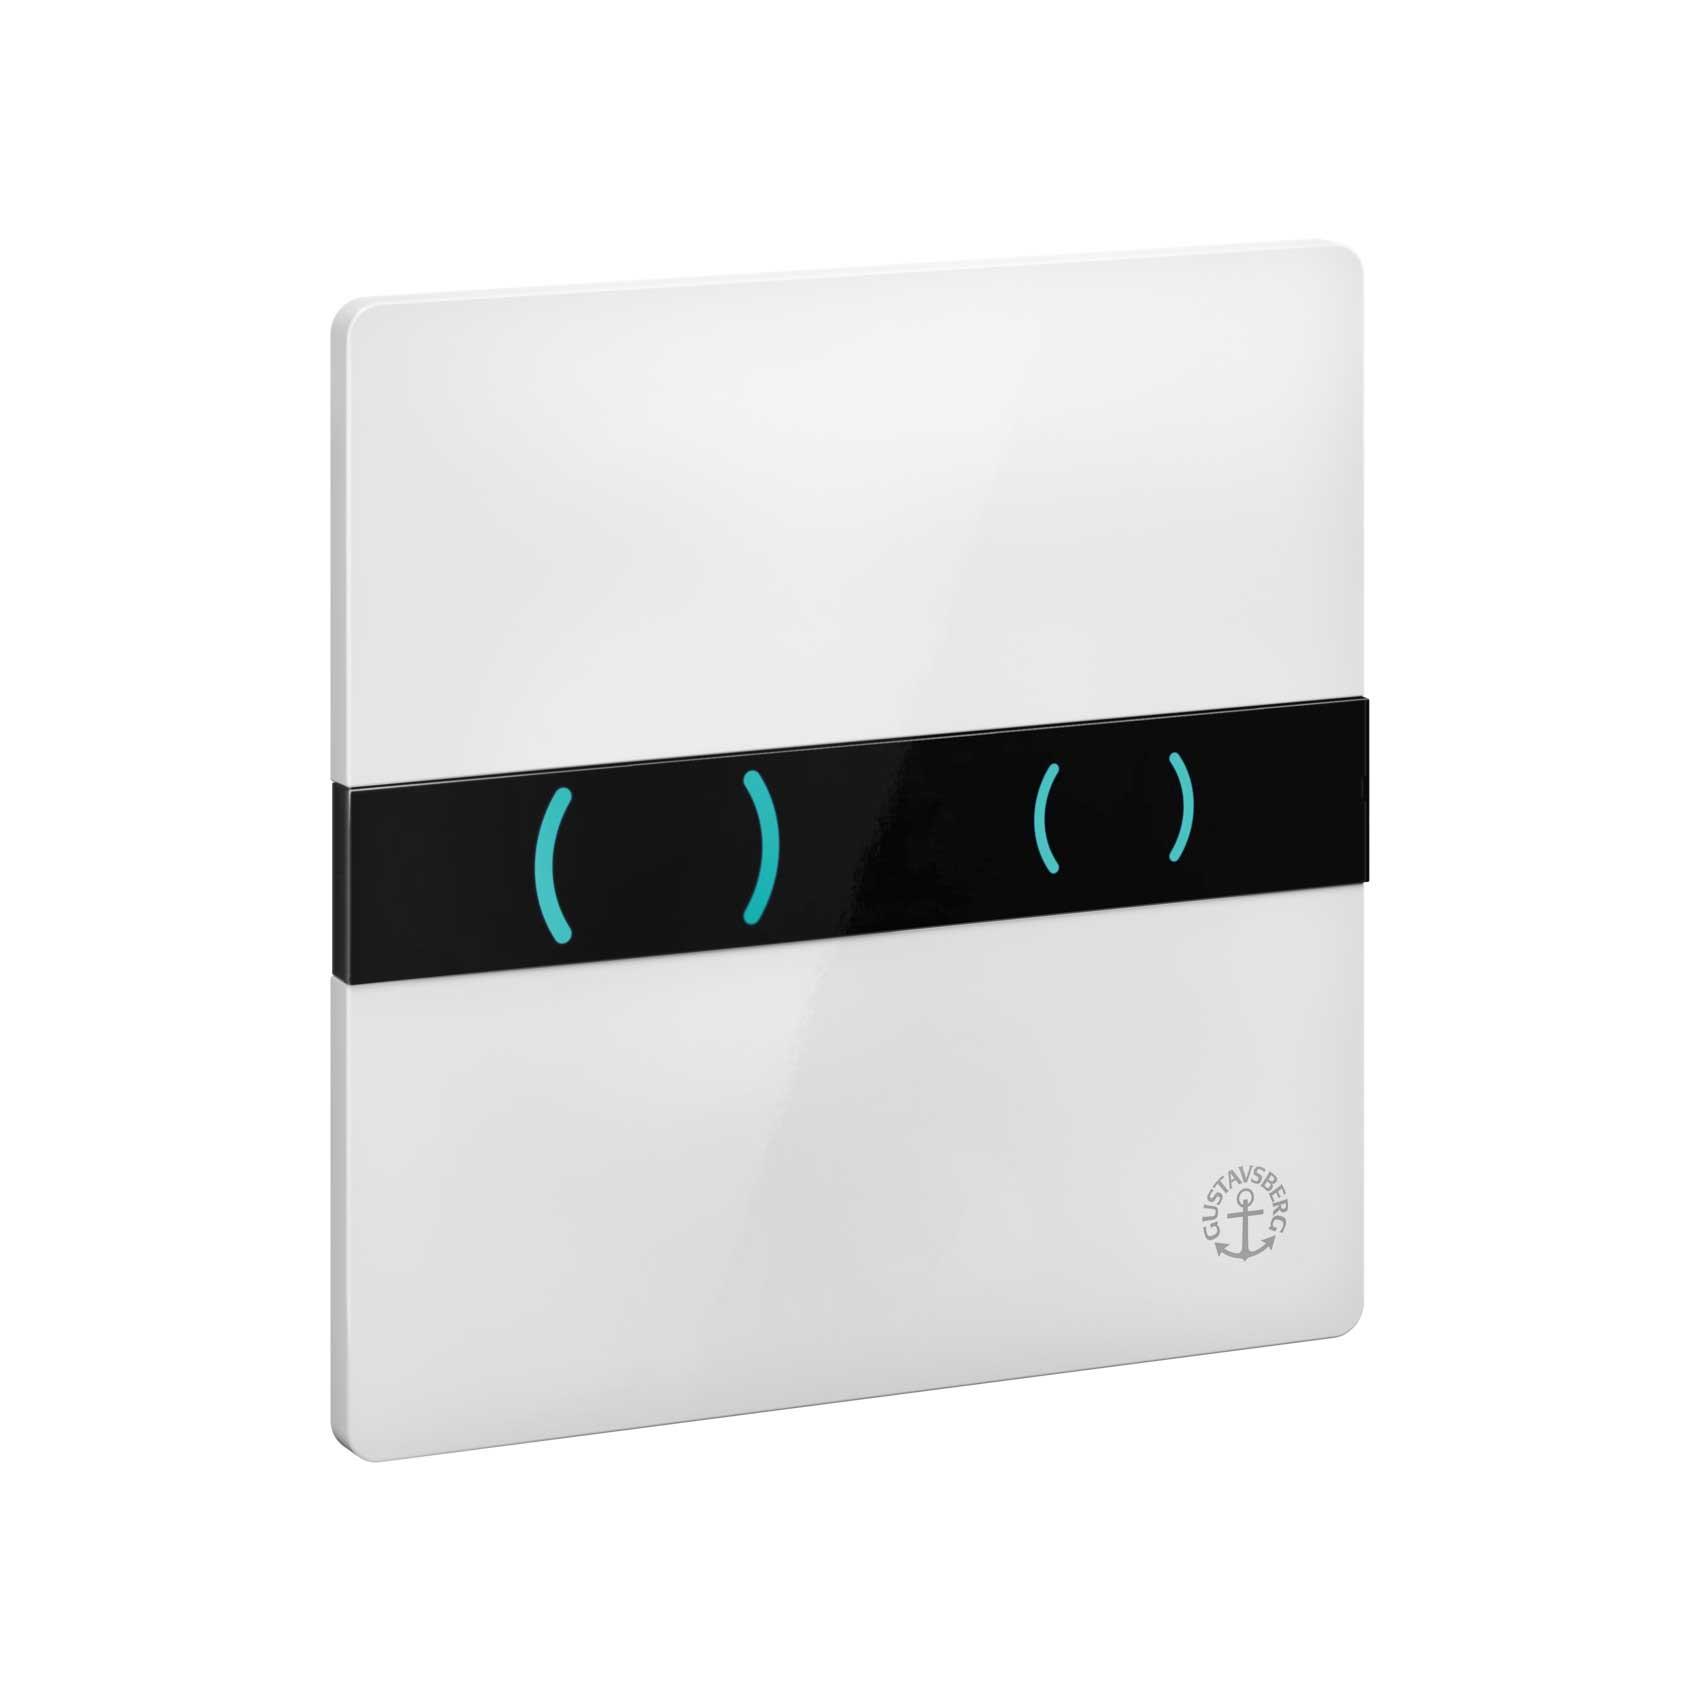 Spolknapp Gustavsberg Sensorstyrd för WC-fixtur Triomont XS Vit